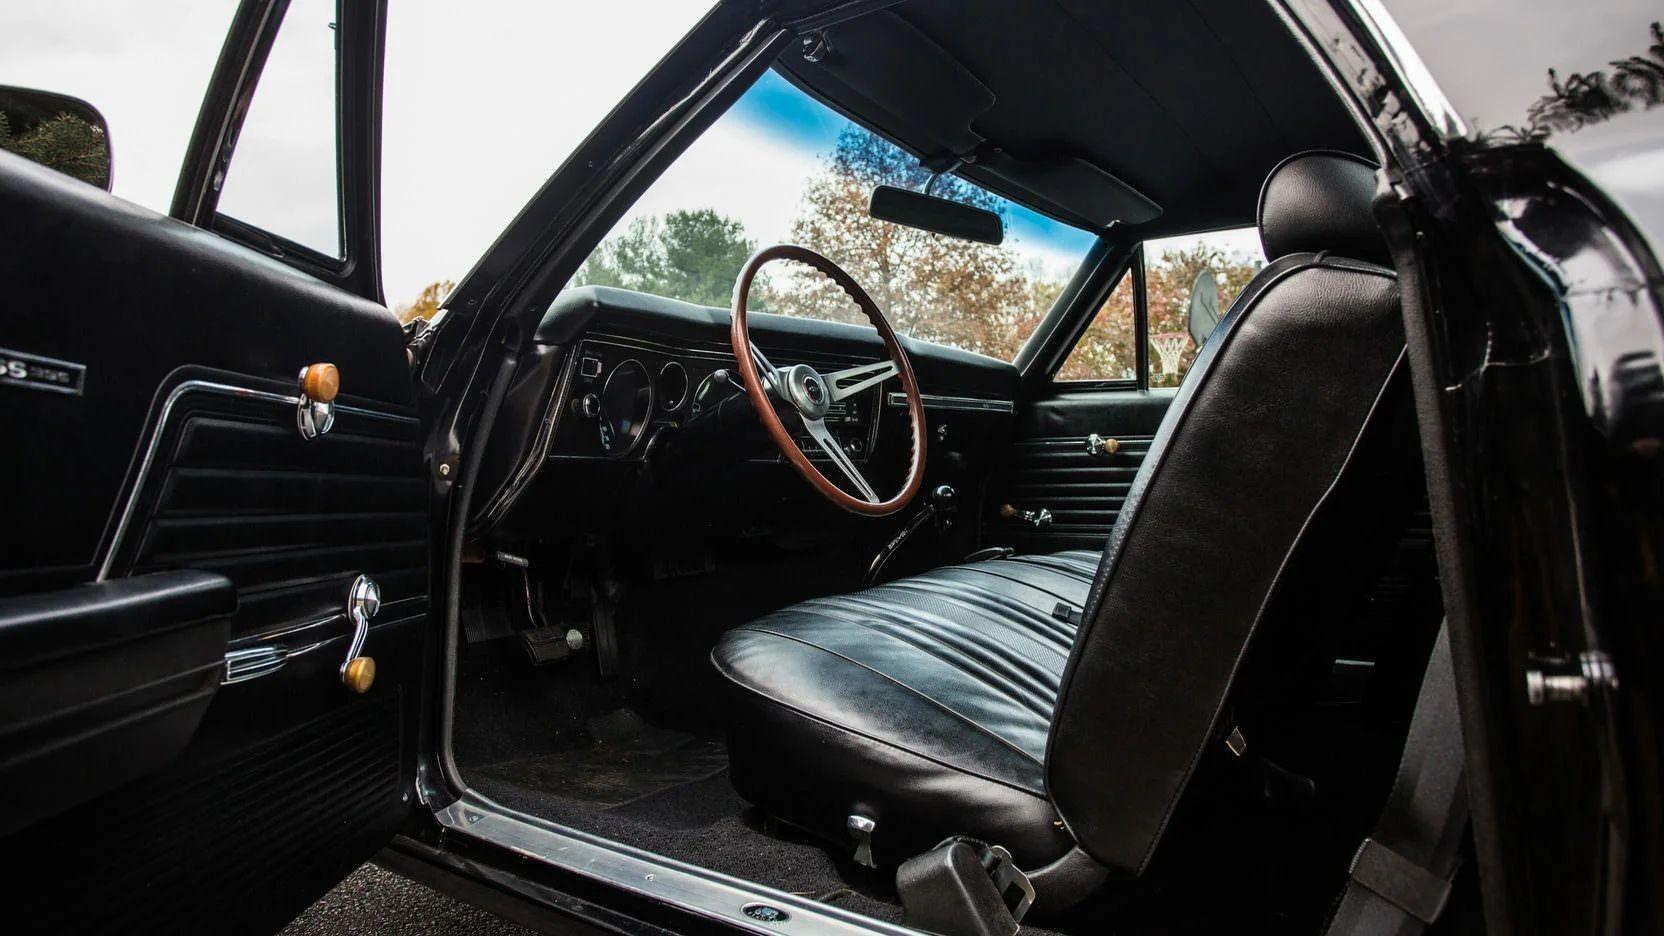 Американский мускулистый грузовик Chevrolet El Camino 1969 в австралийском стиле